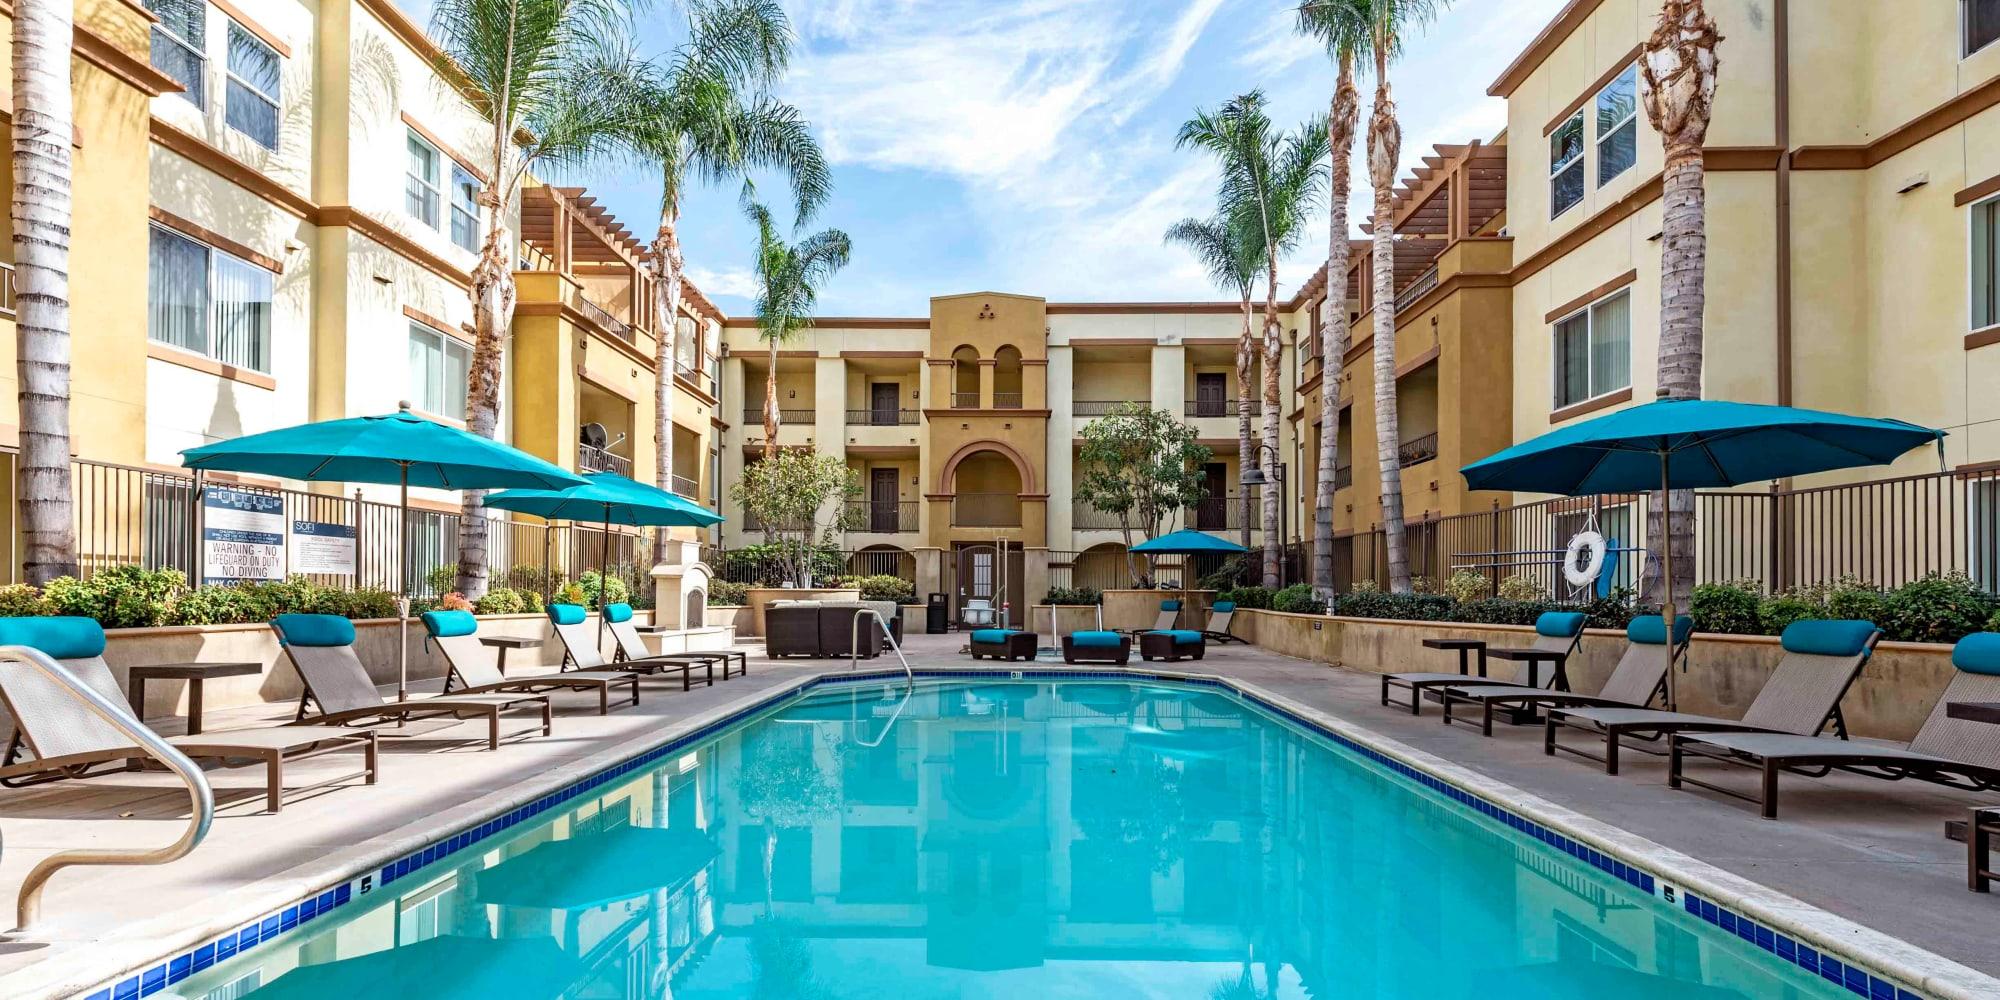 Apartments in Chatsworth, California, at Sofi at Topanga Canyon